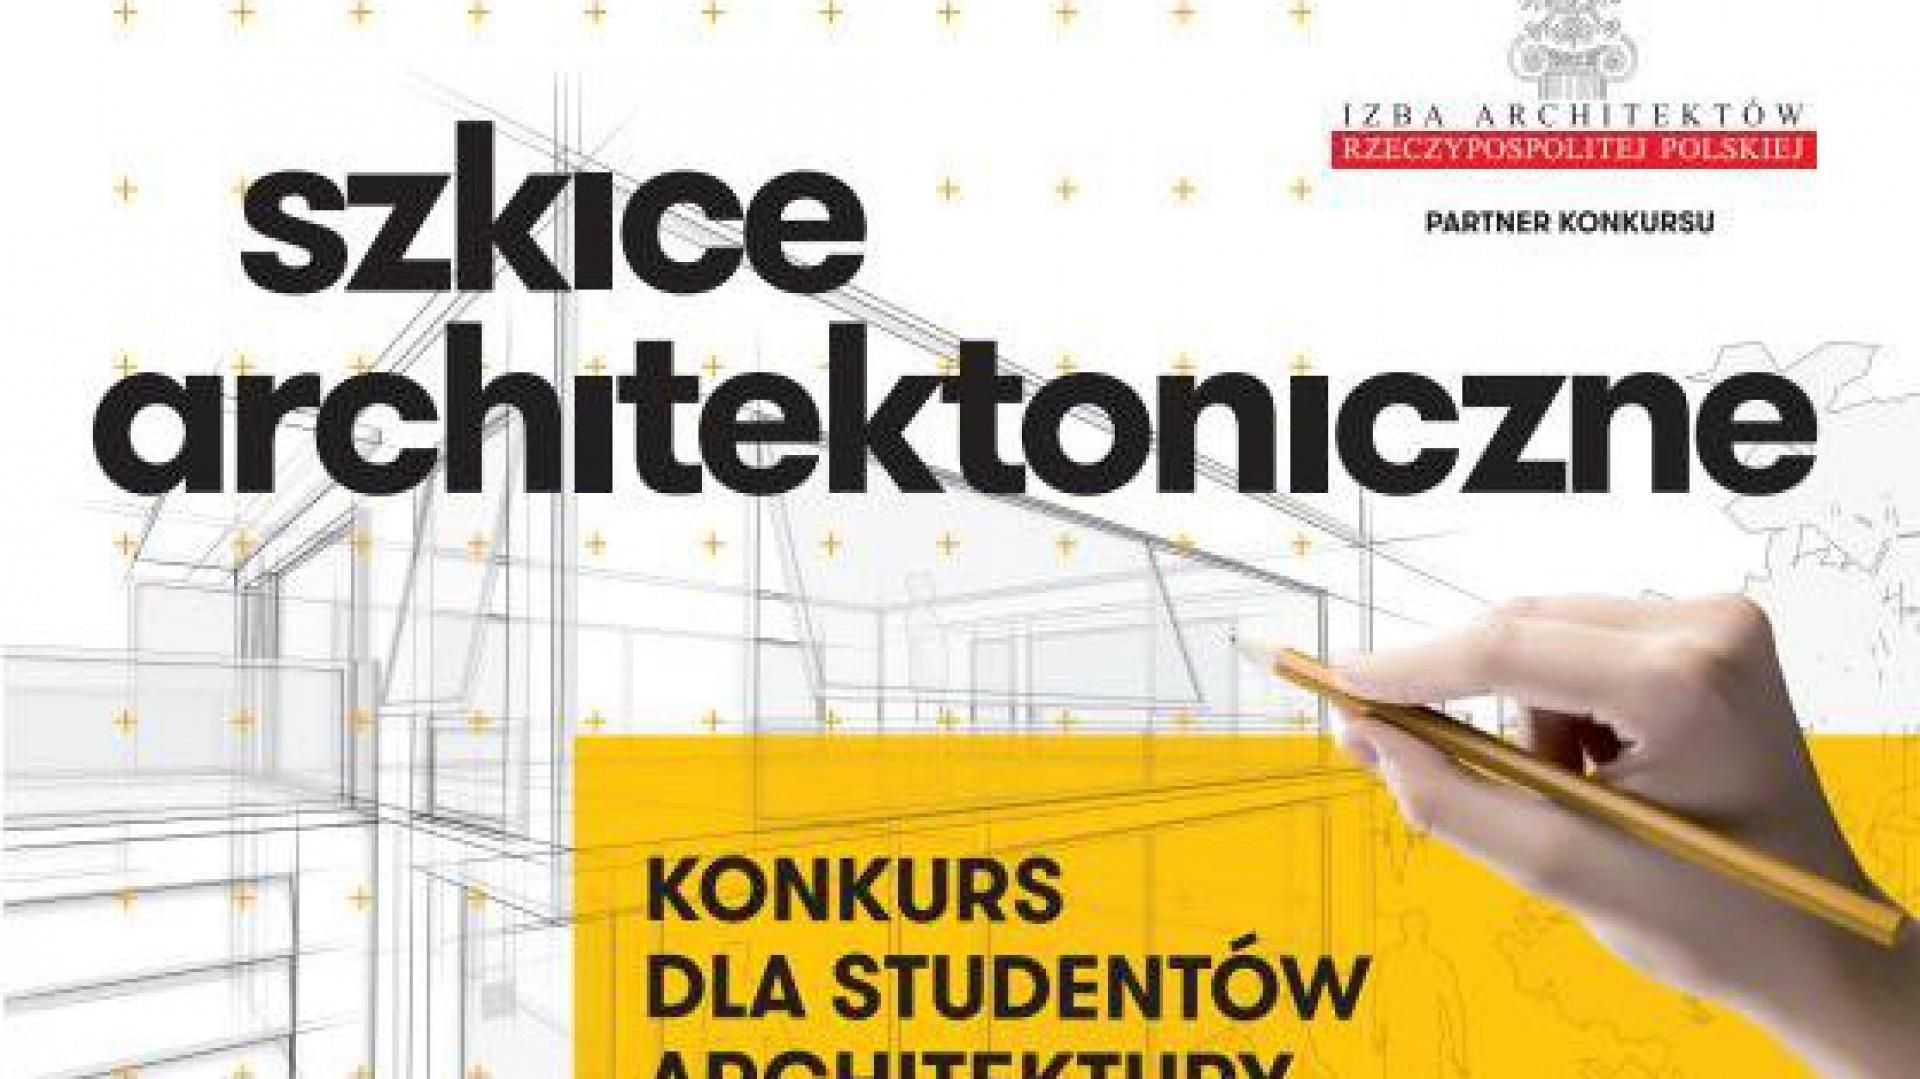 Konkurs dla studentów architektury. Fot. BUDMA